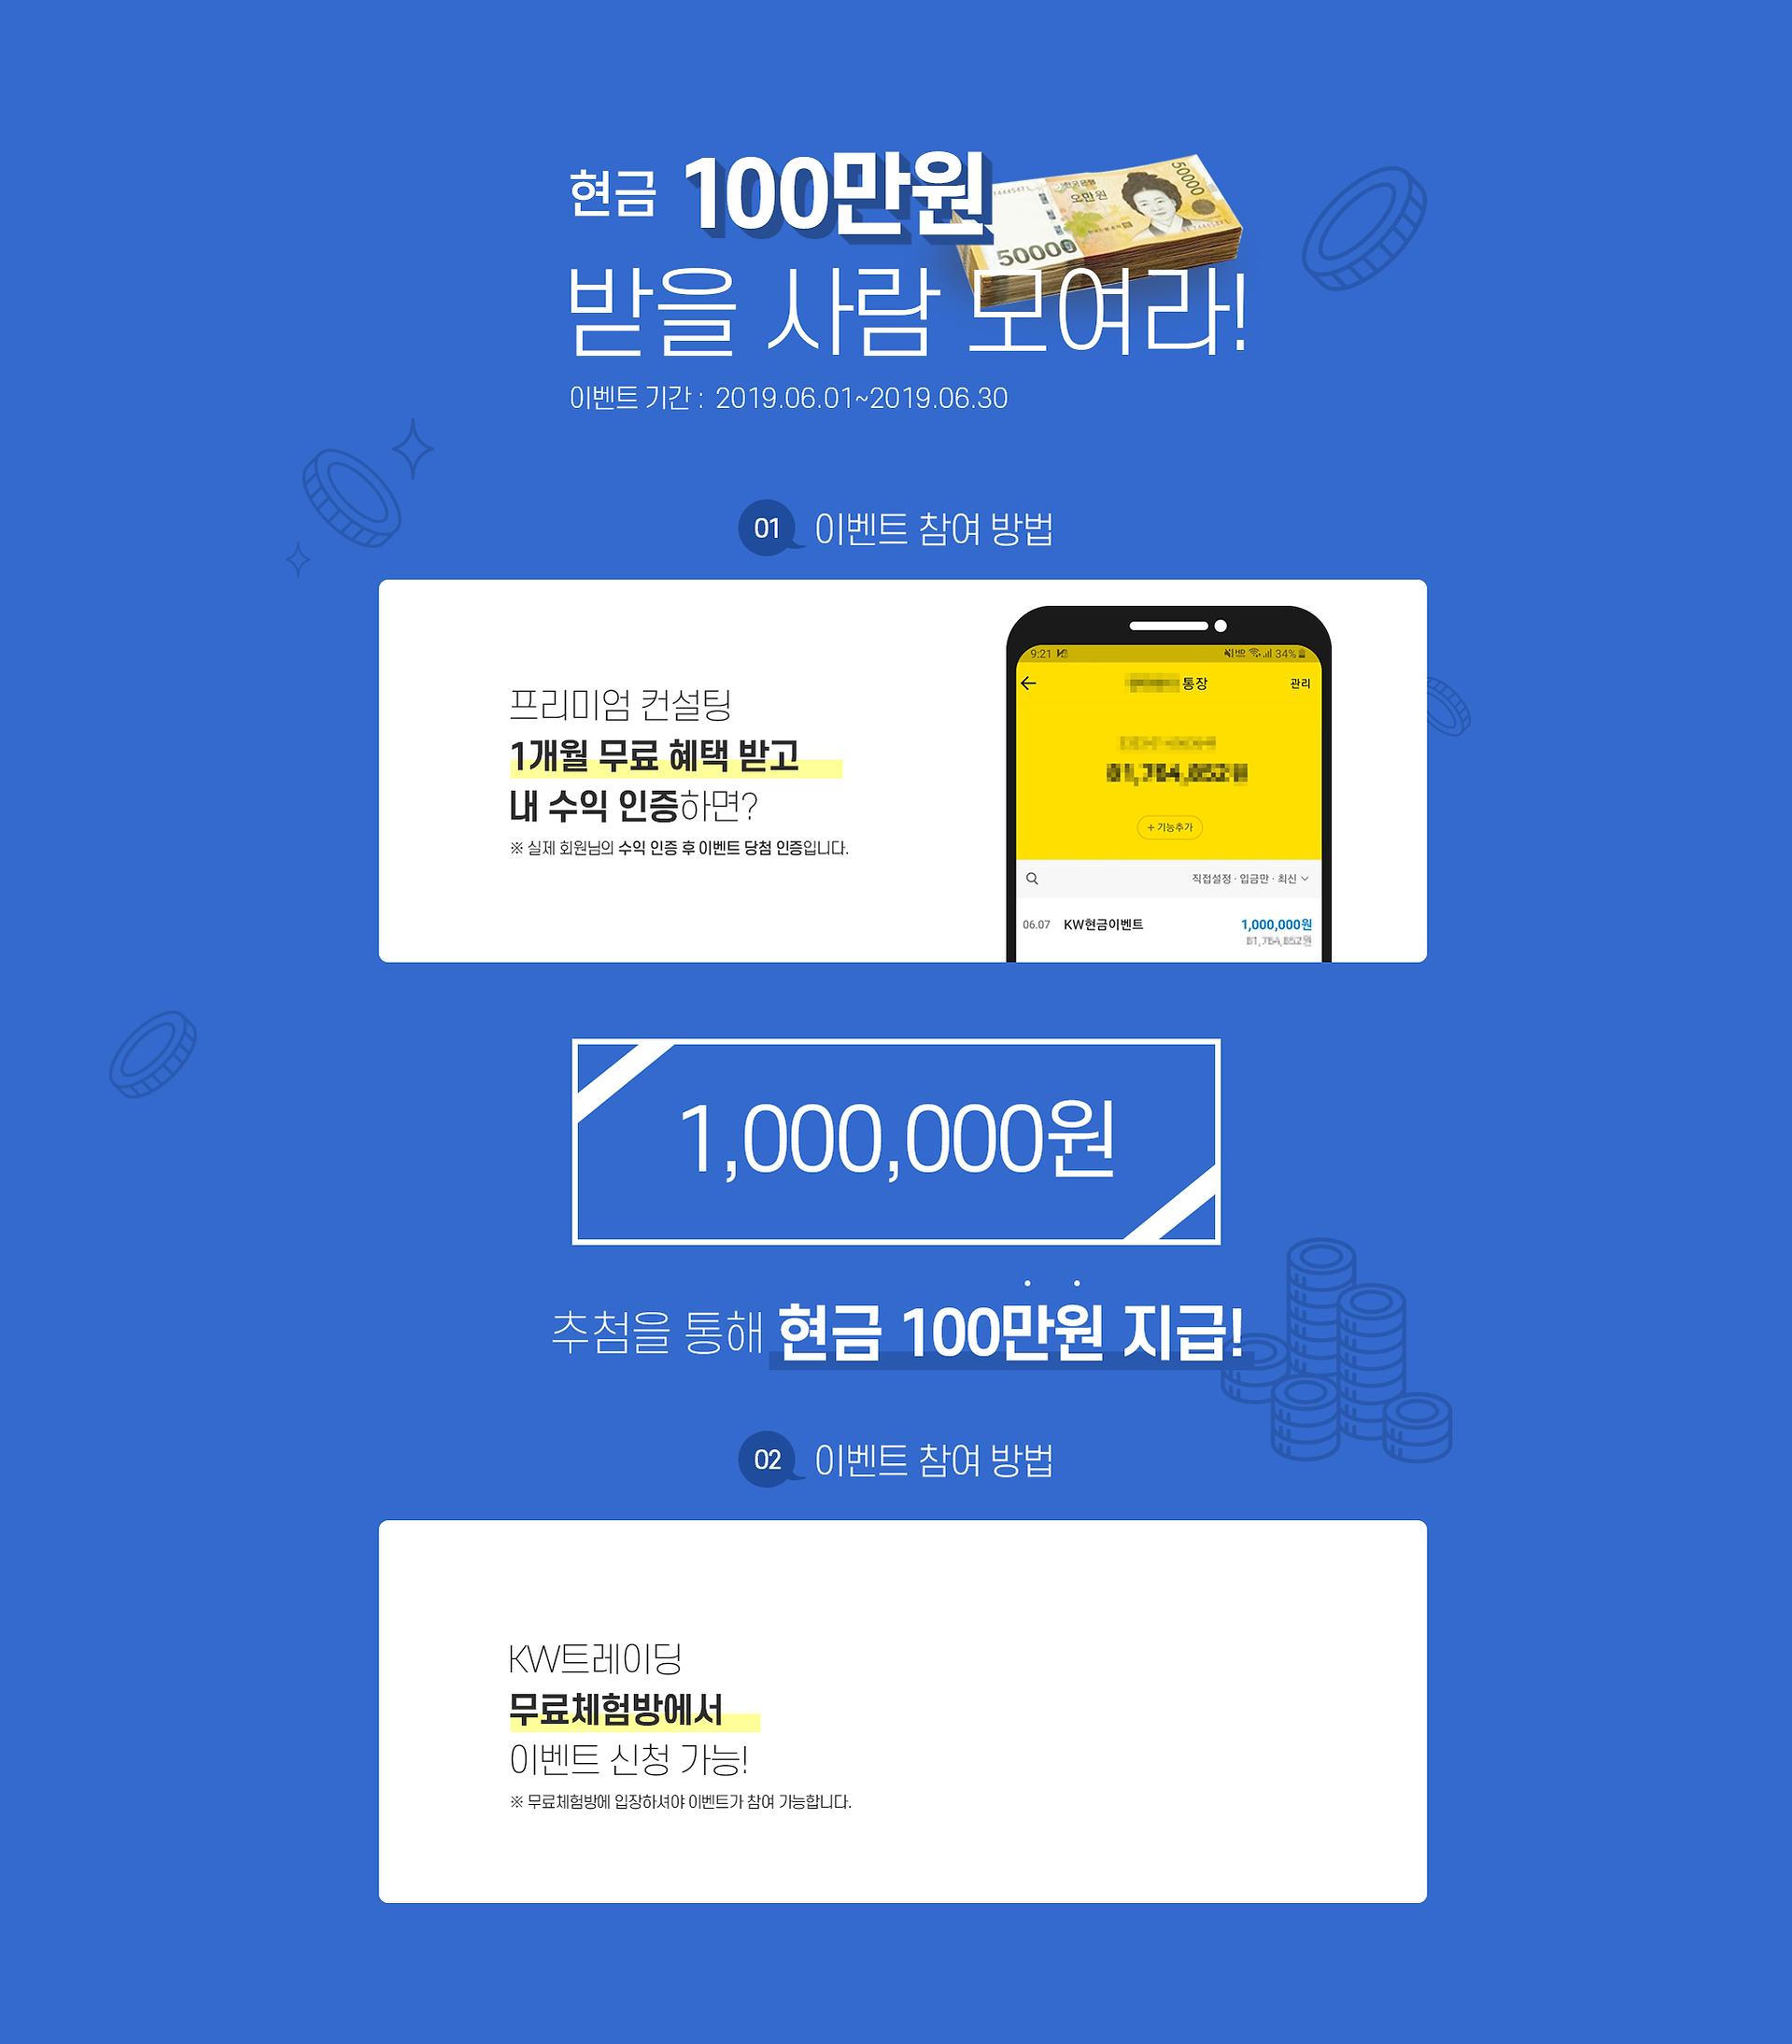 프로모션(현금 100만원).png